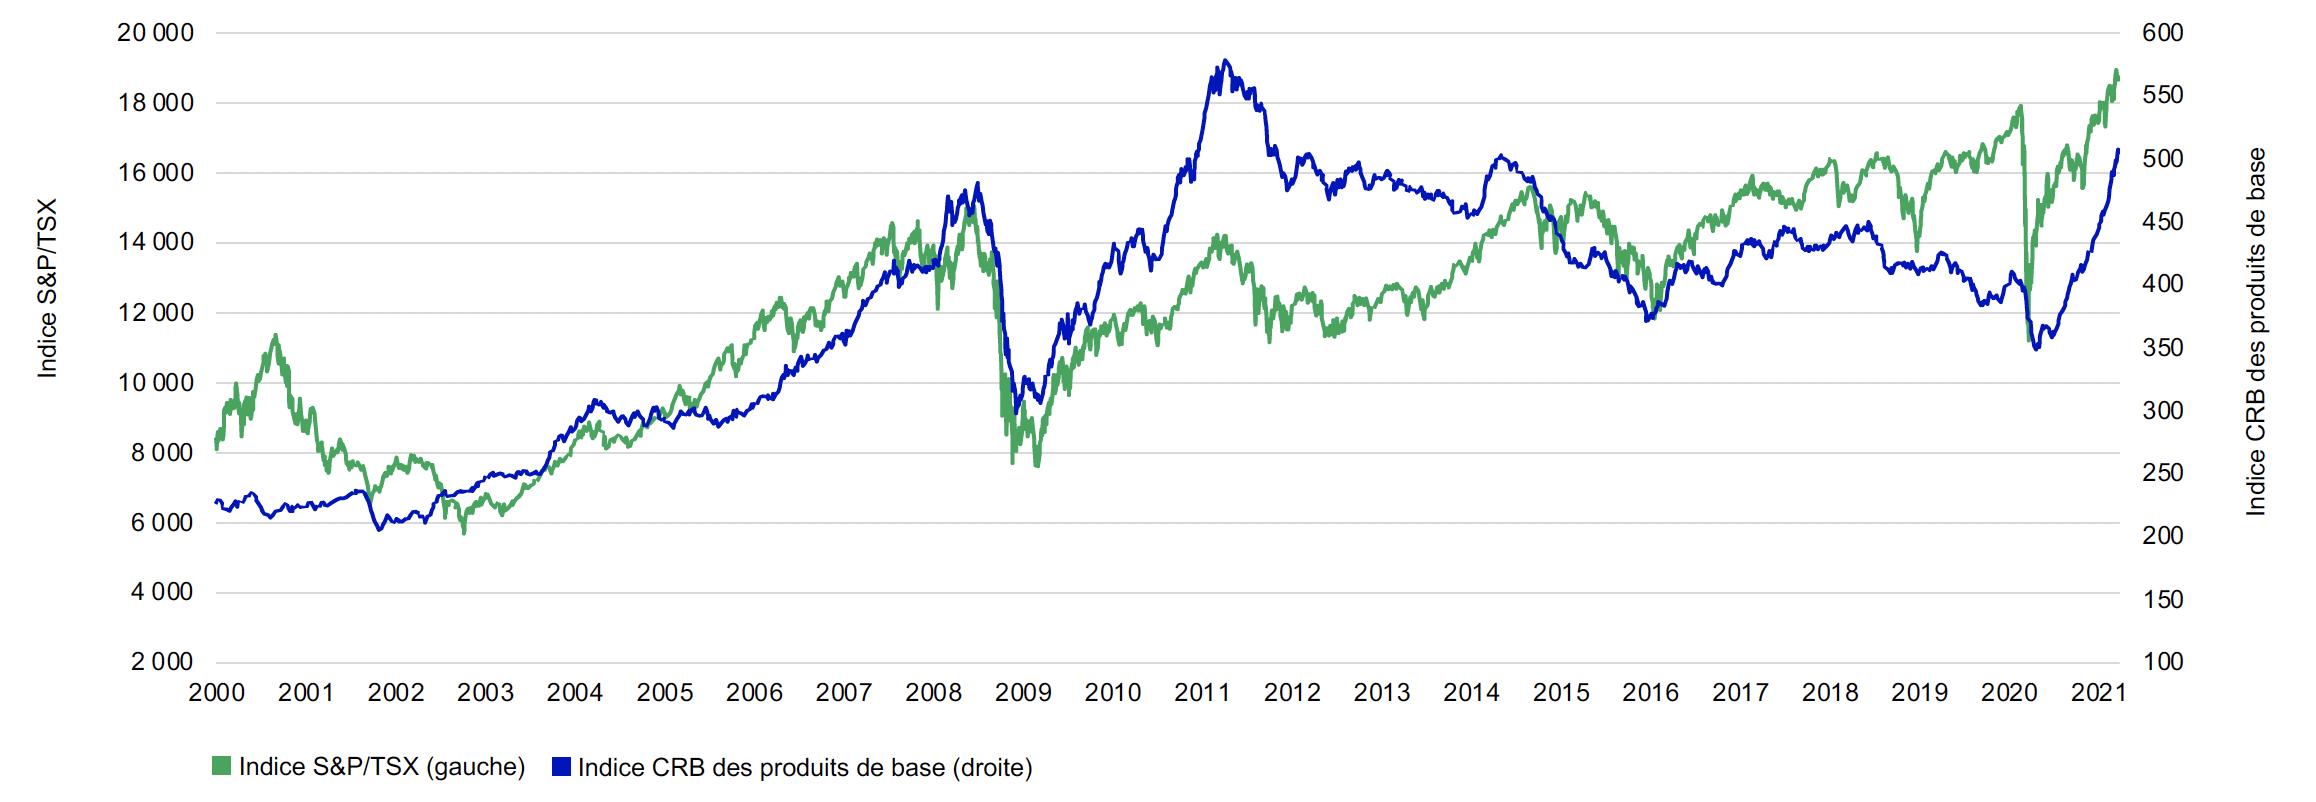 Ce graphique illustre la relation entre l'indice S&P/TSX et l'indice CRB des produits de base de janvier 2000 au 31 mars 2021. L'indice S&P/TSX évolue dans la même direction que les produits de base. Récemment, l'indice des produits de base a progressé avec l'indice S&P/TSX.